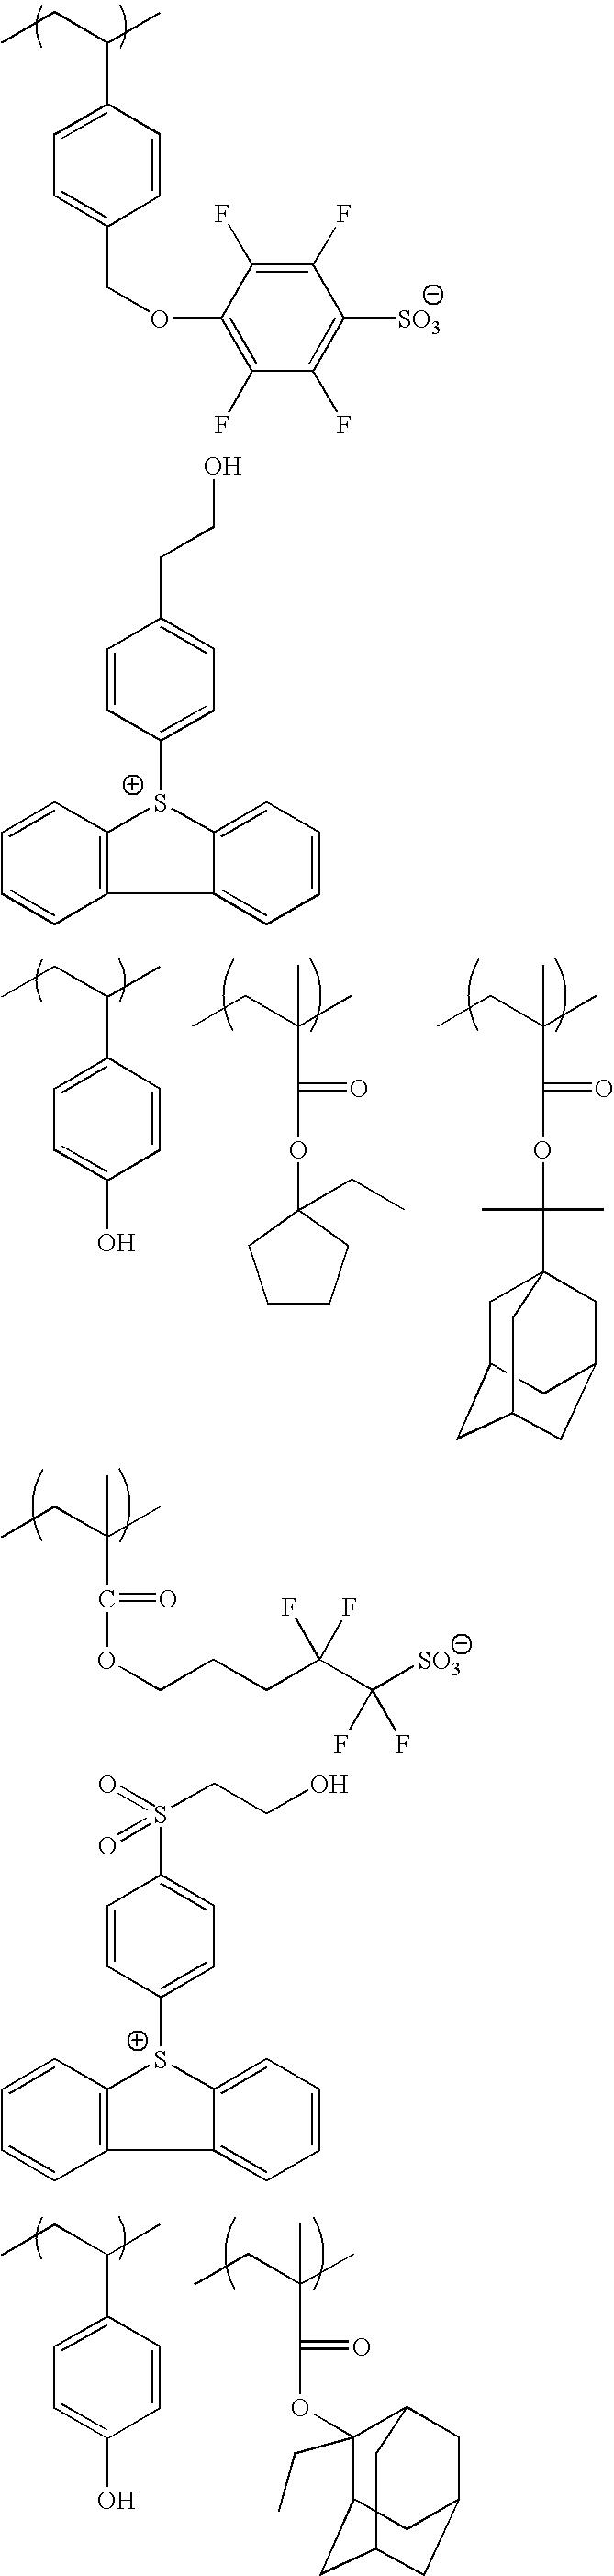 Figure US08852845-20141007-C00202